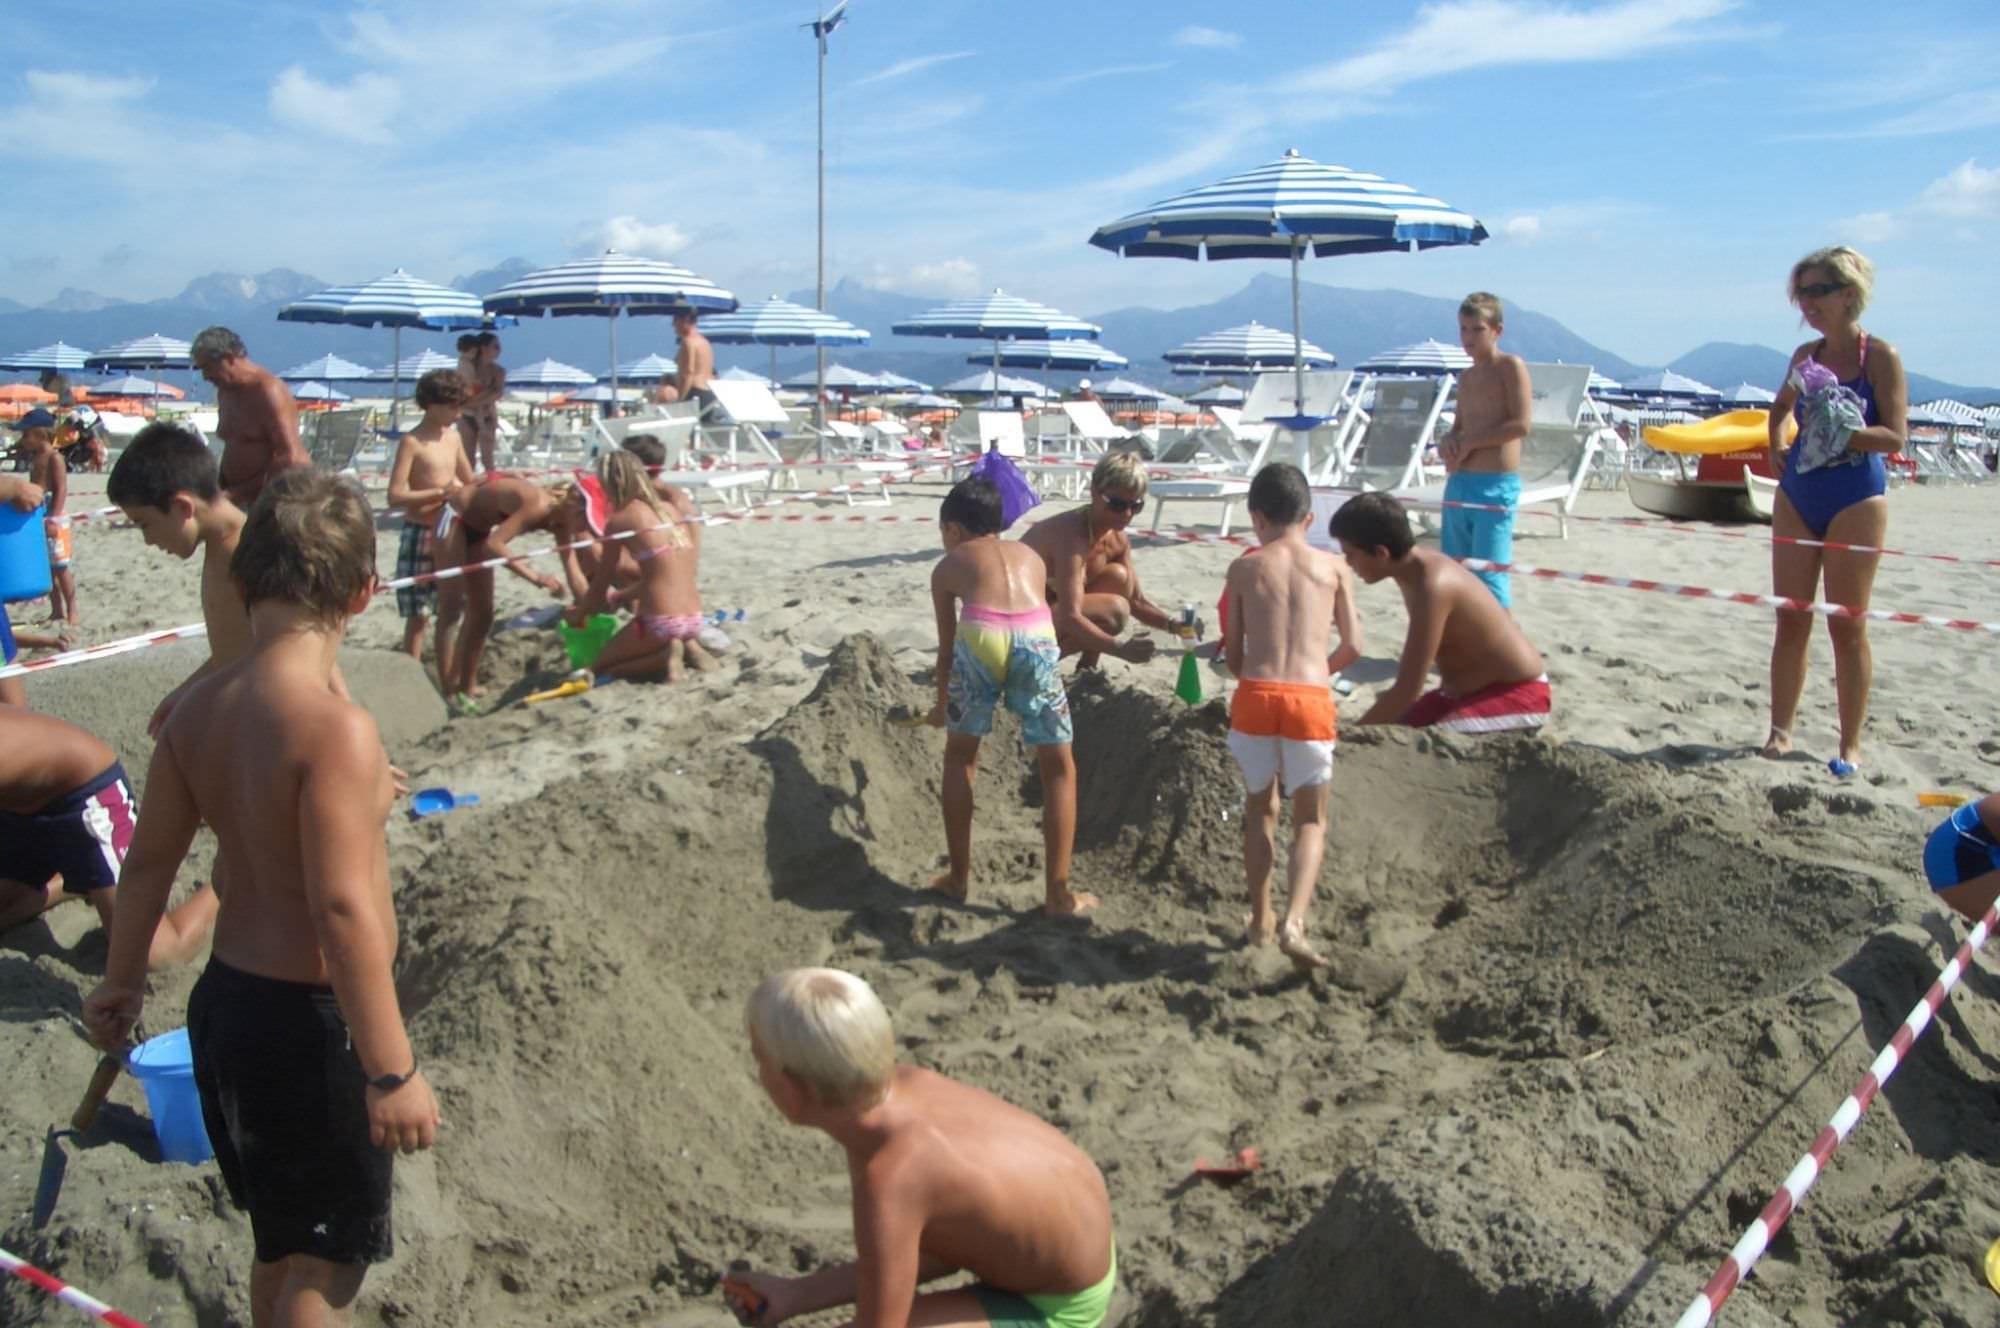 Al bagno mascotte torna la sfida dei castelli di sabbia - Bagno caterina viareggio ...